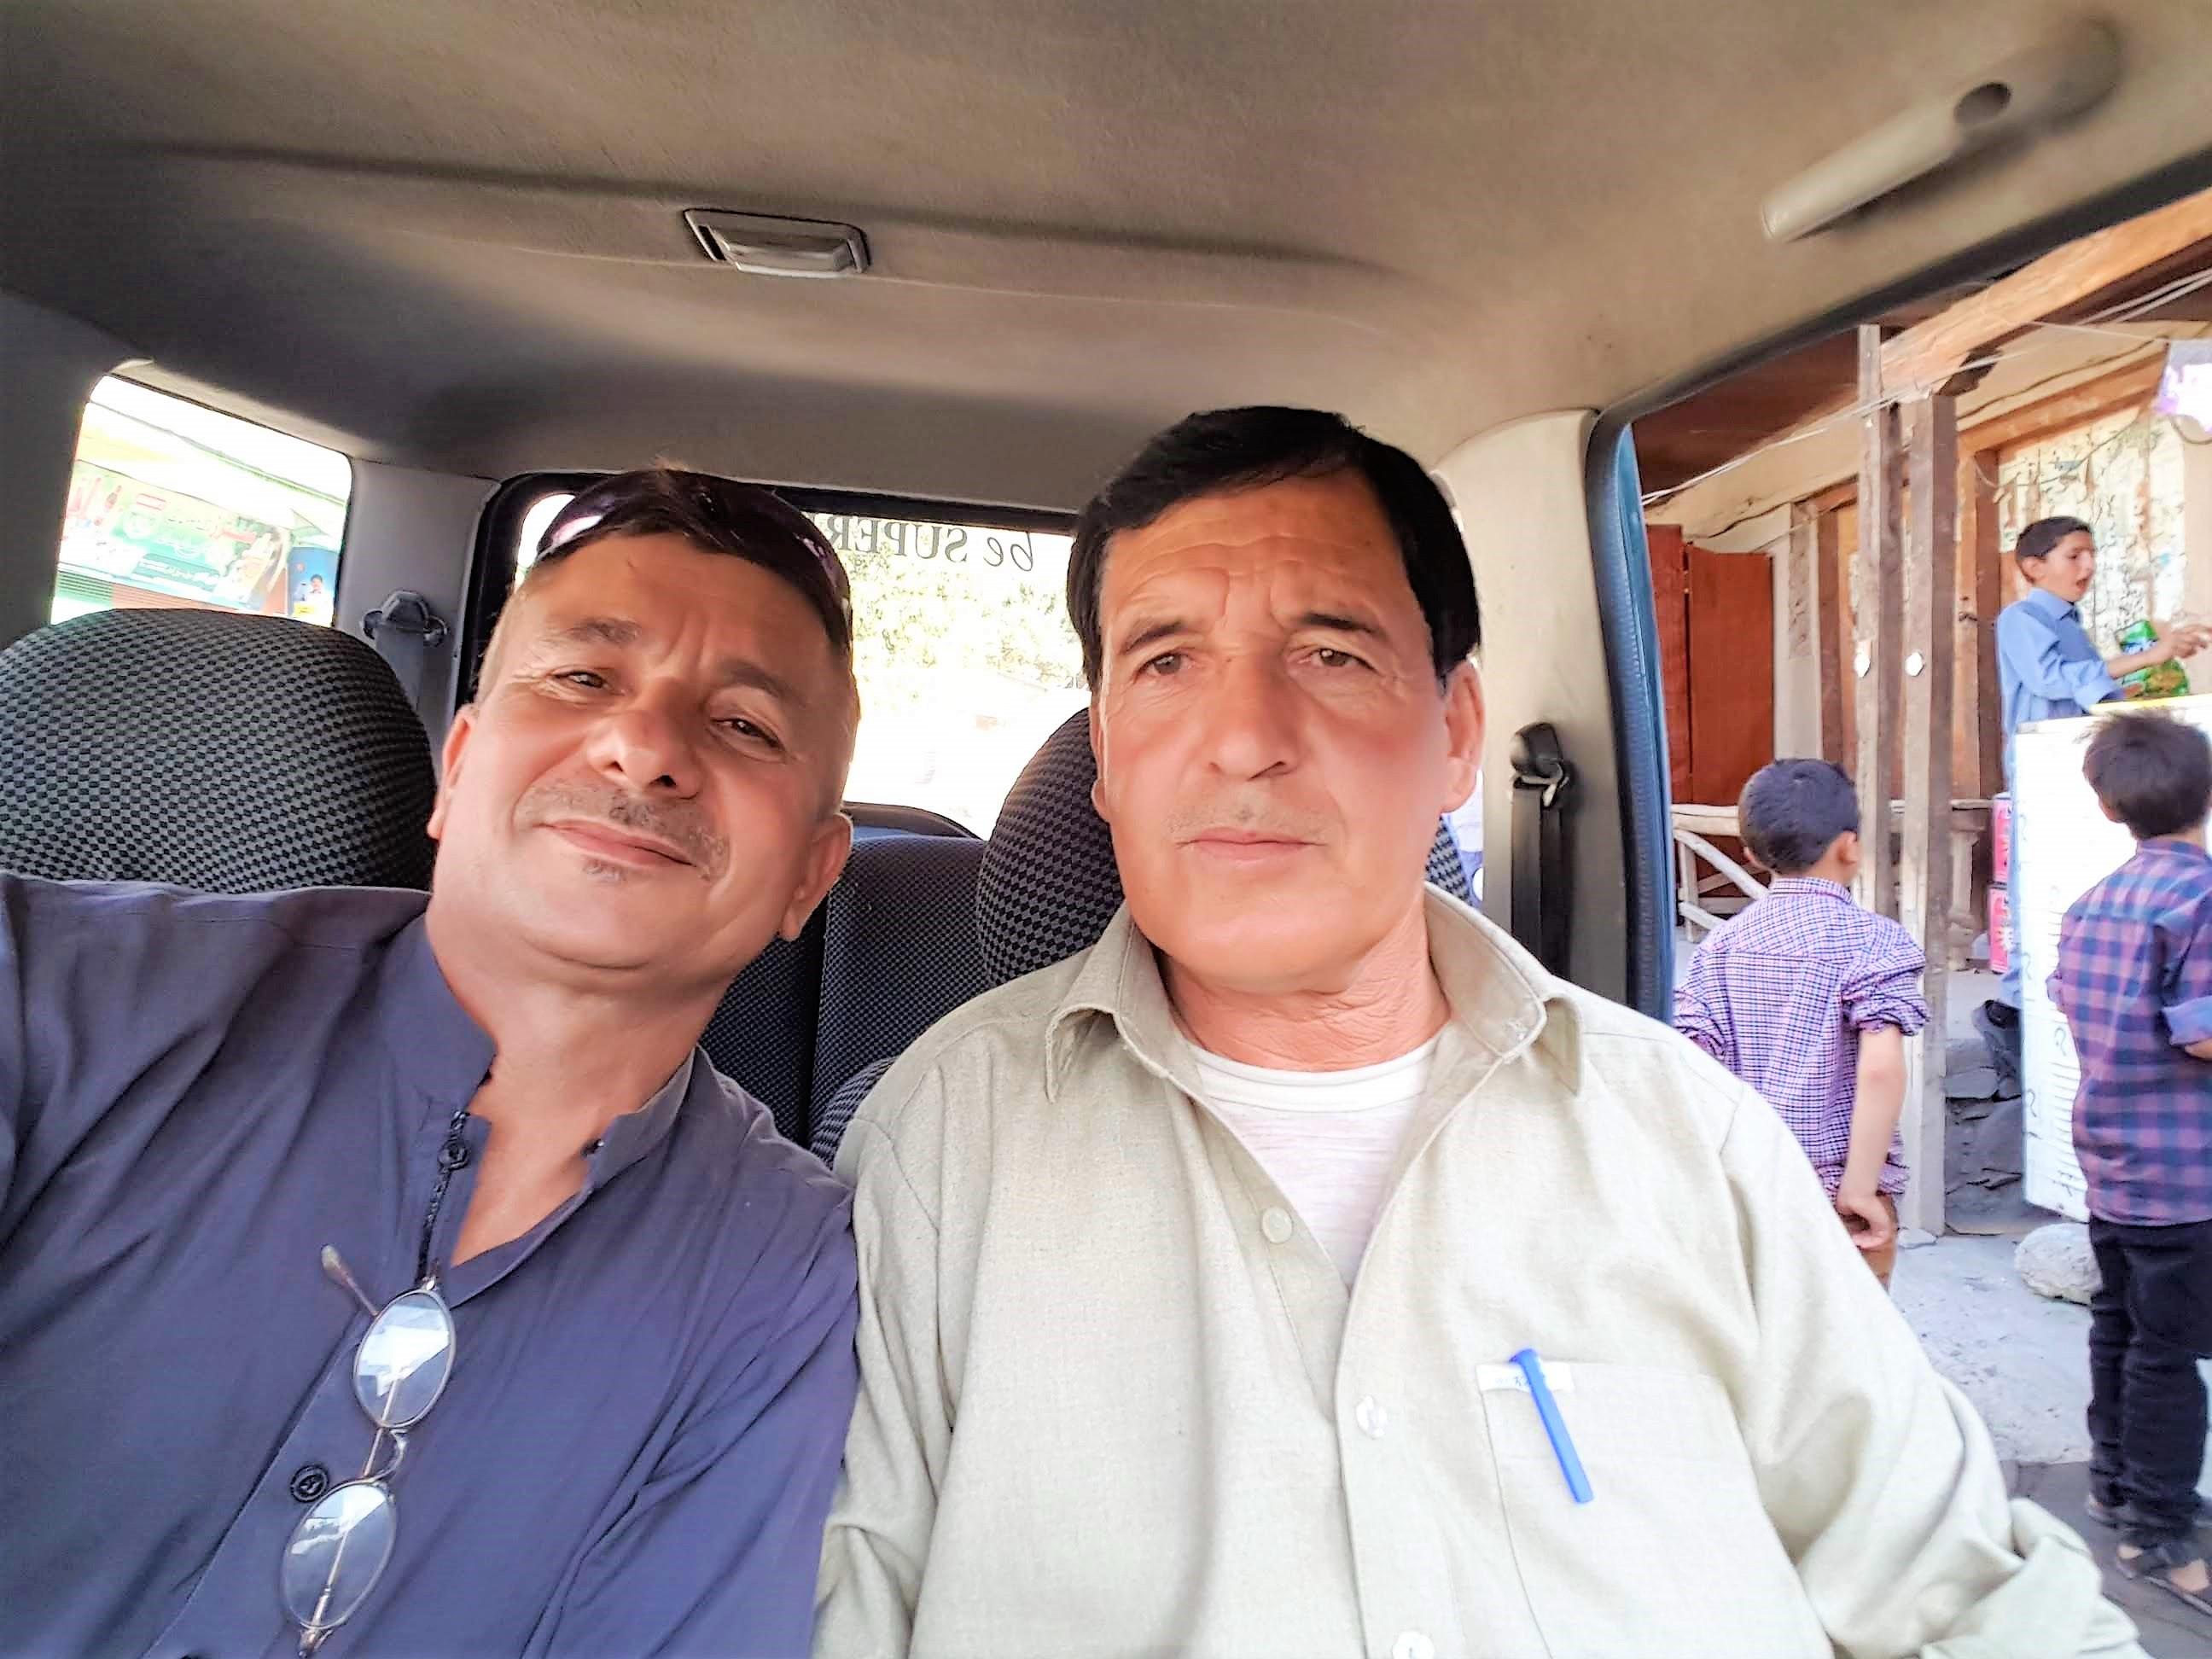 میری ڈائری کے اوراق سے ۔۔۔۔۔۔۔۔۔۔۔۔۔۔ غلام محمد خان اور بونی کا نظام سقـہ